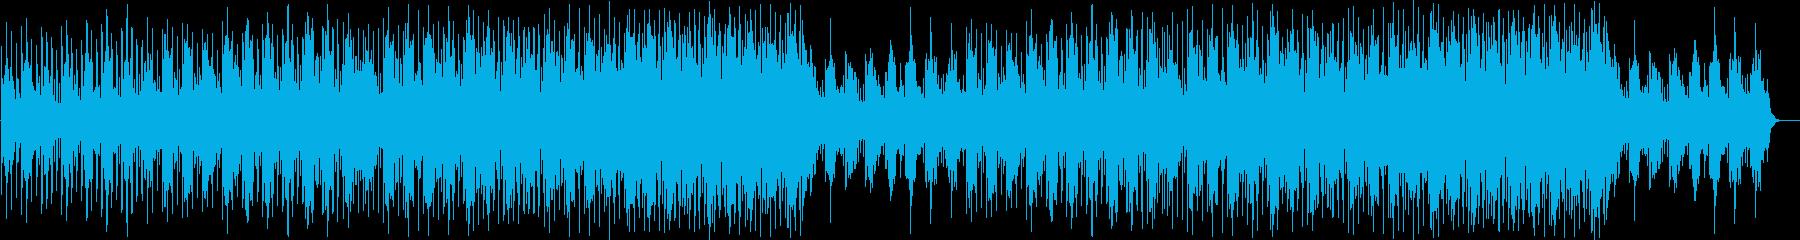 キラキラと光を感じる最先端ピアノポップスの再生済みの波形